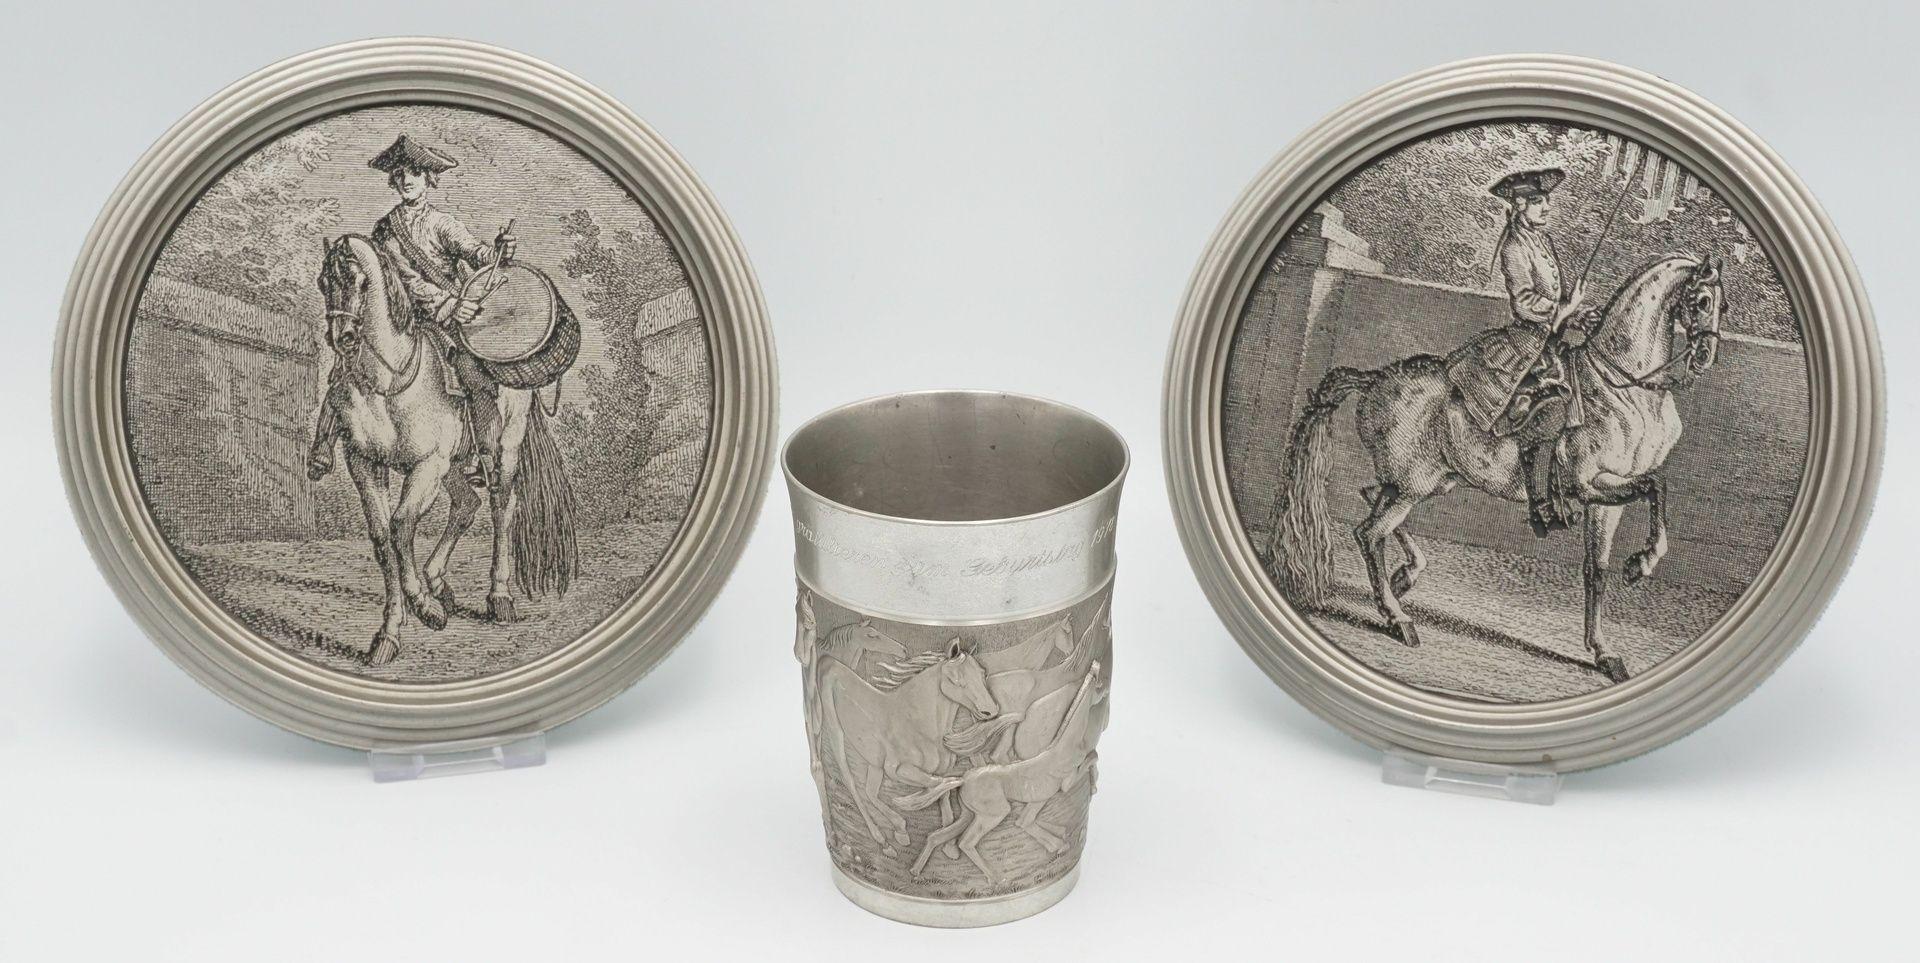 Zwei Wandteller und ein Becher mit Pferde-Motiven, 20. Jh.